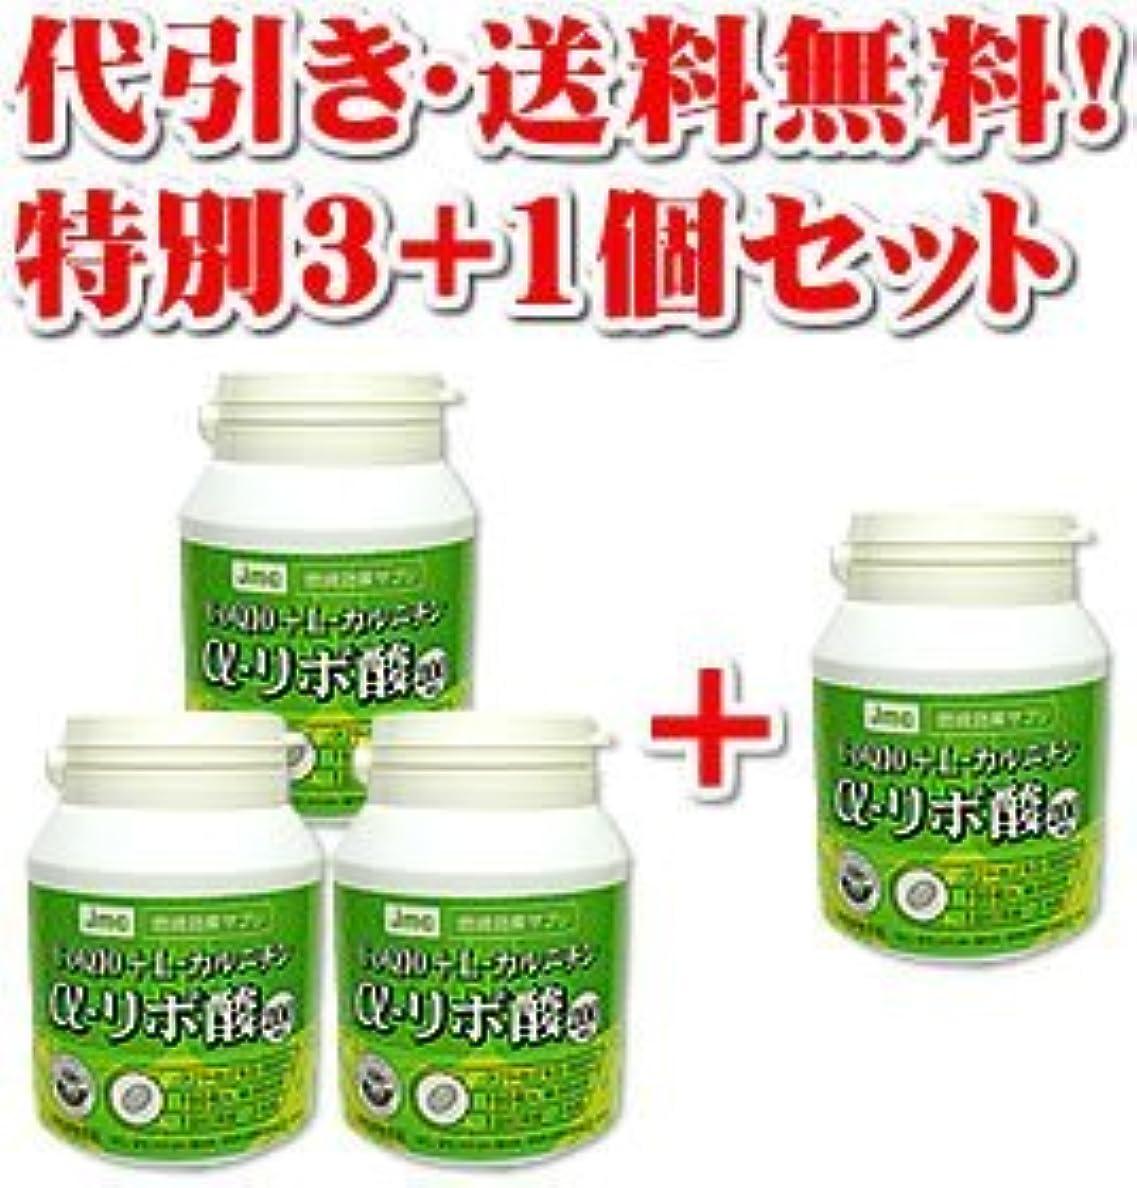 再生可能音楽エイリアンα-リポ酸200mg(ダイエットの4大成分を1粒に凝縮)4個セット